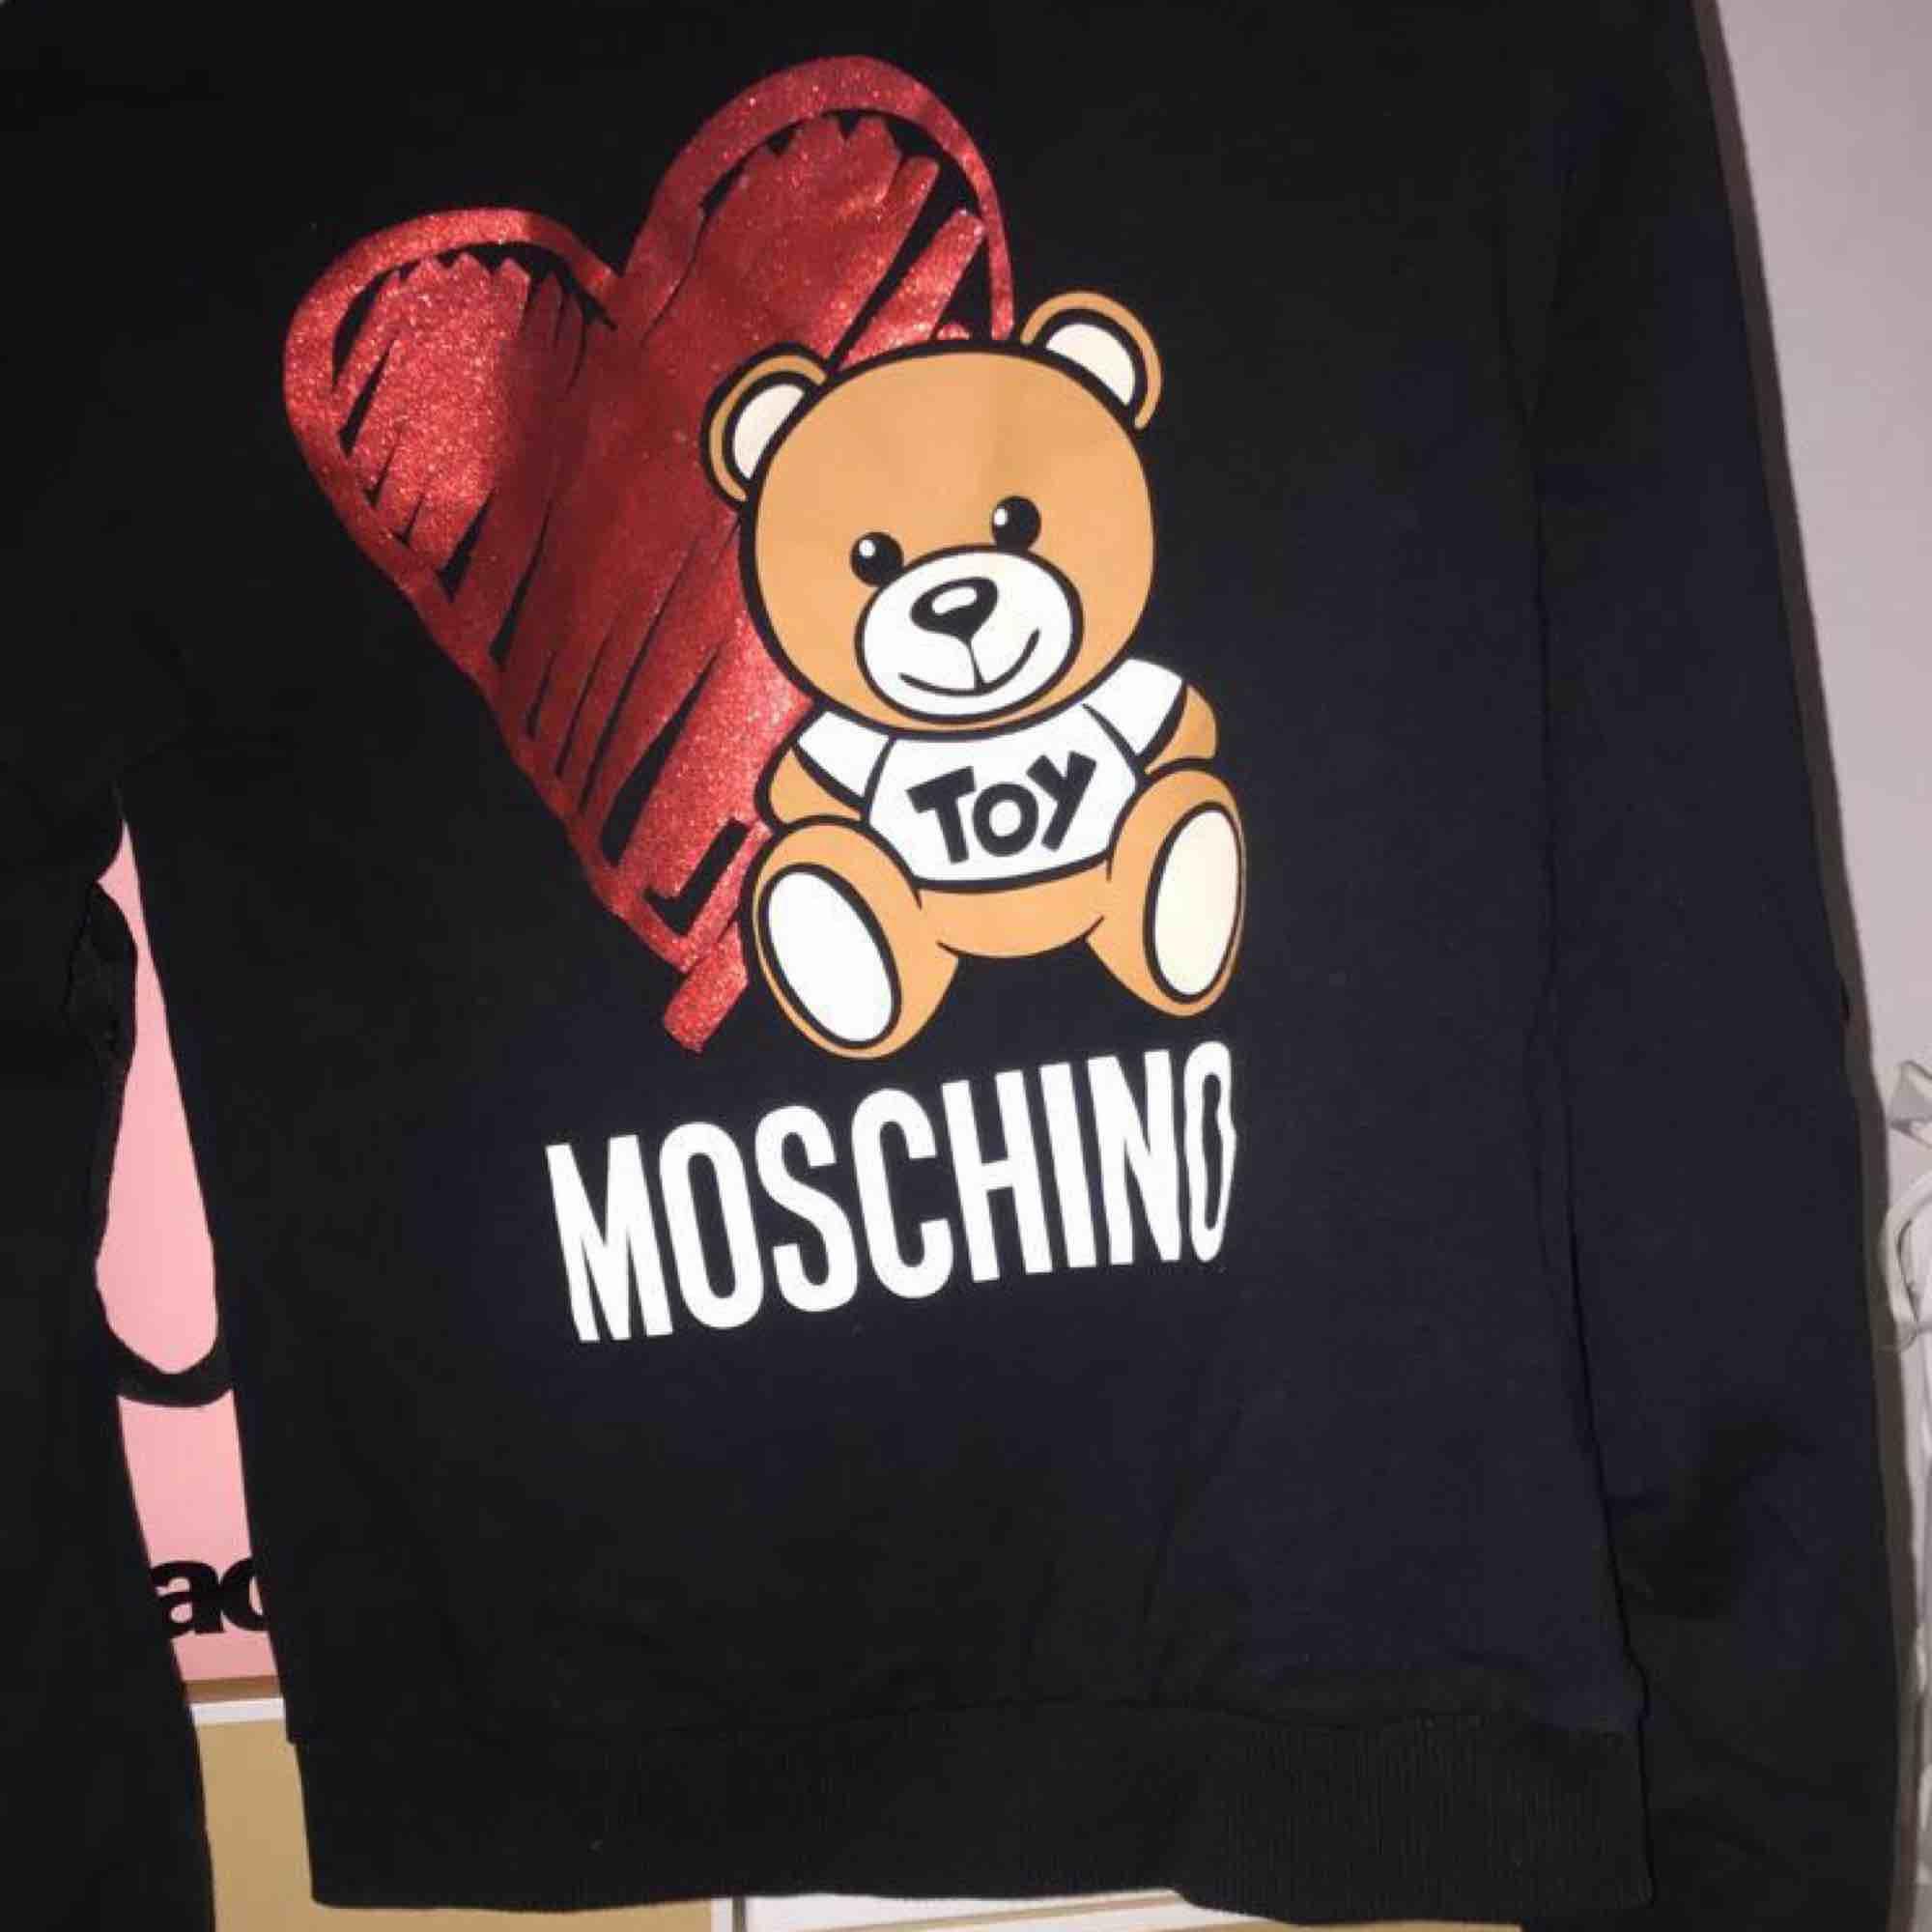 Äkta Moschino tröja i storlek xs. Använd 3 gånger på grund av fel storlek. Kvitto finns.. Tröjor & Koftor.